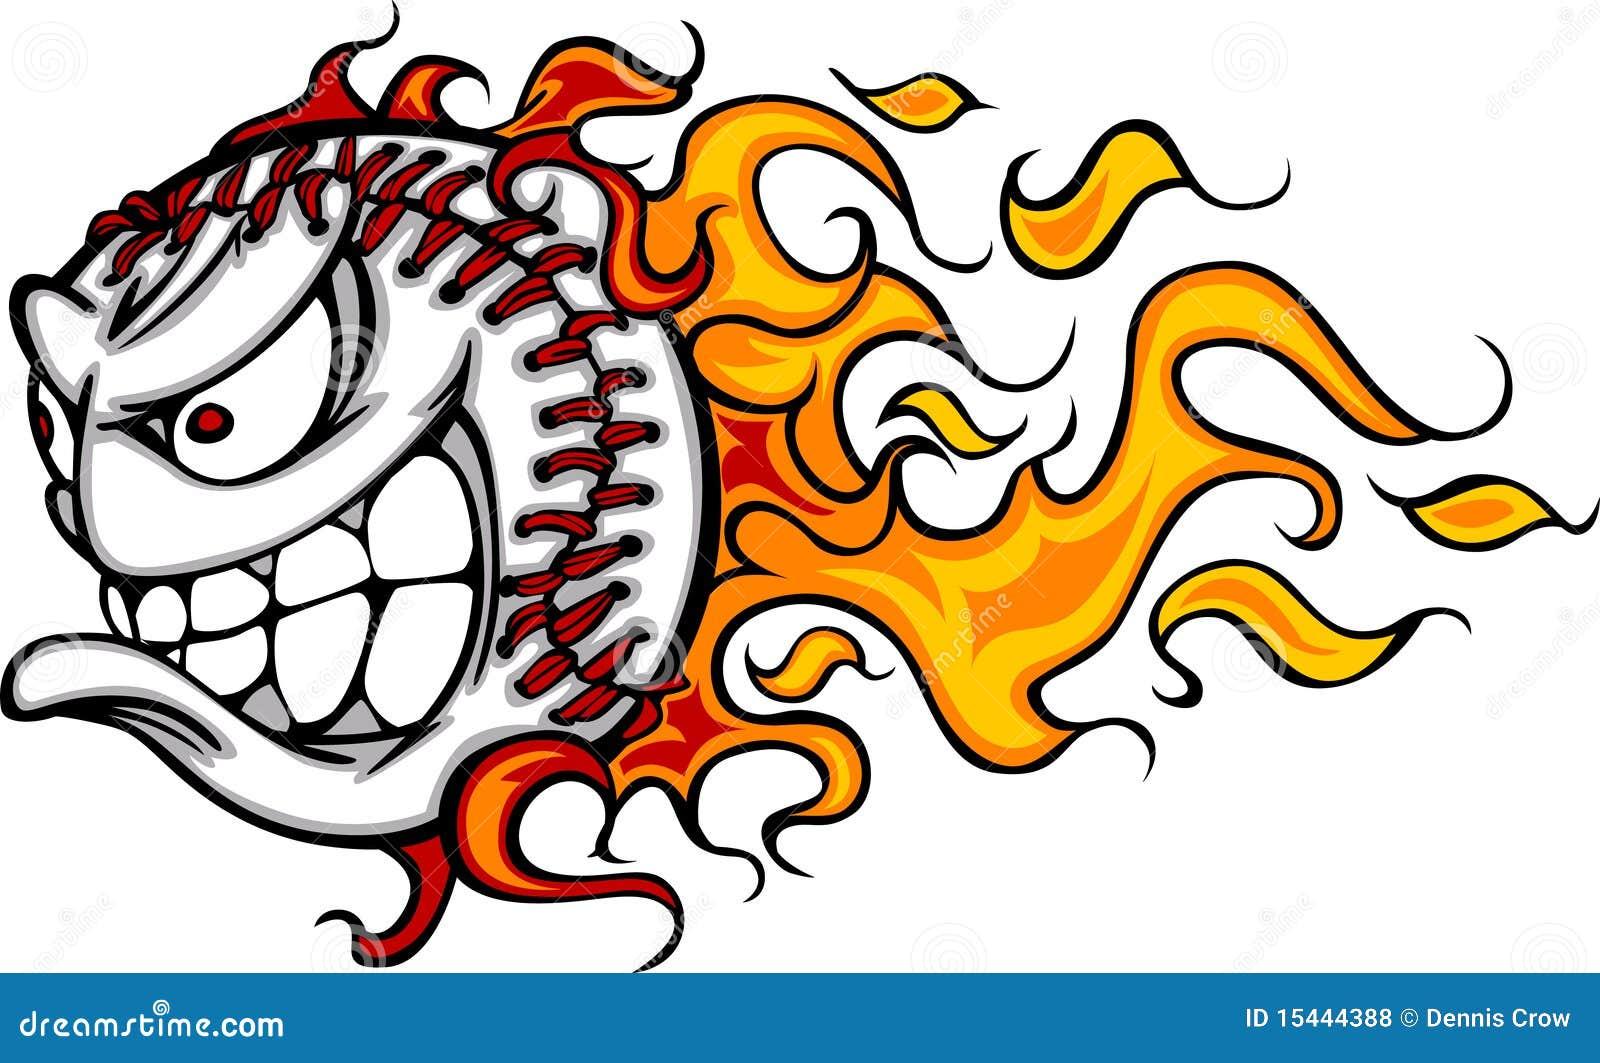 baseball flaming face biting bat vector image stock vector rh dreamstime com Bat Making Contact with Ball Baseball Bat Decal